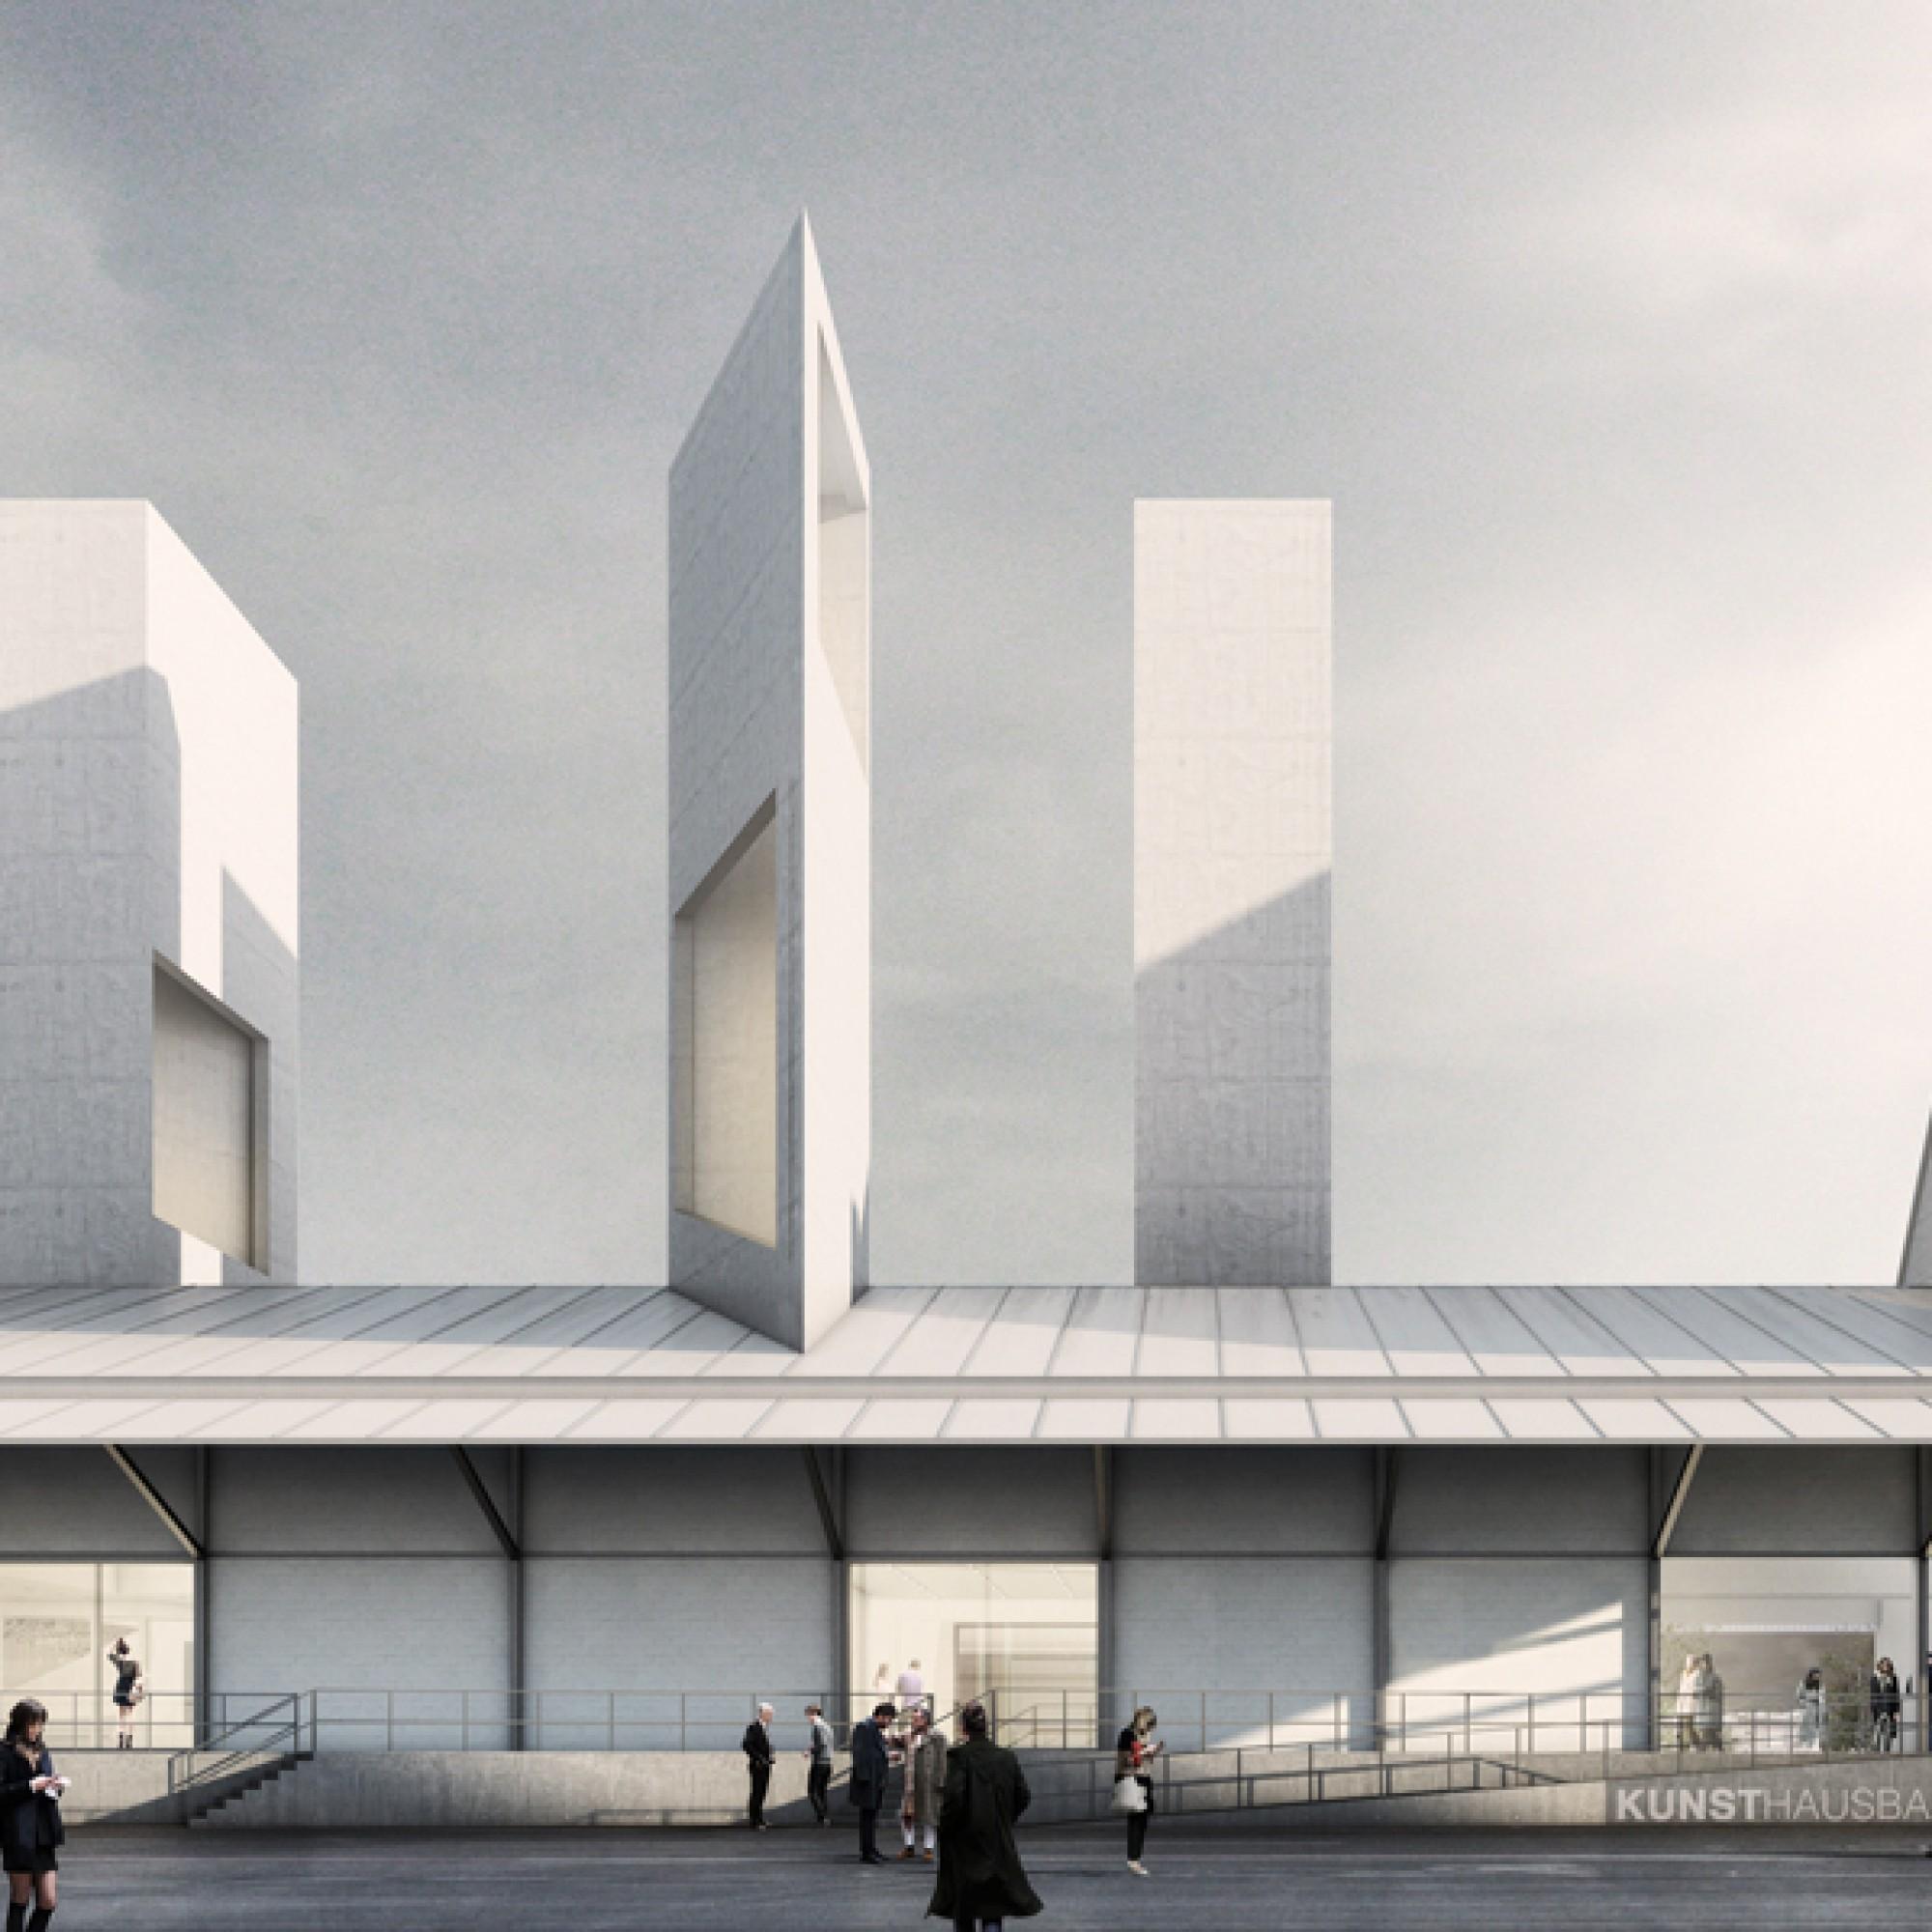 Drei markante Türme bilden das Wahrzeichen der neuen Ausstellungstätte. (Buchner Bründler Architekten / zvg)